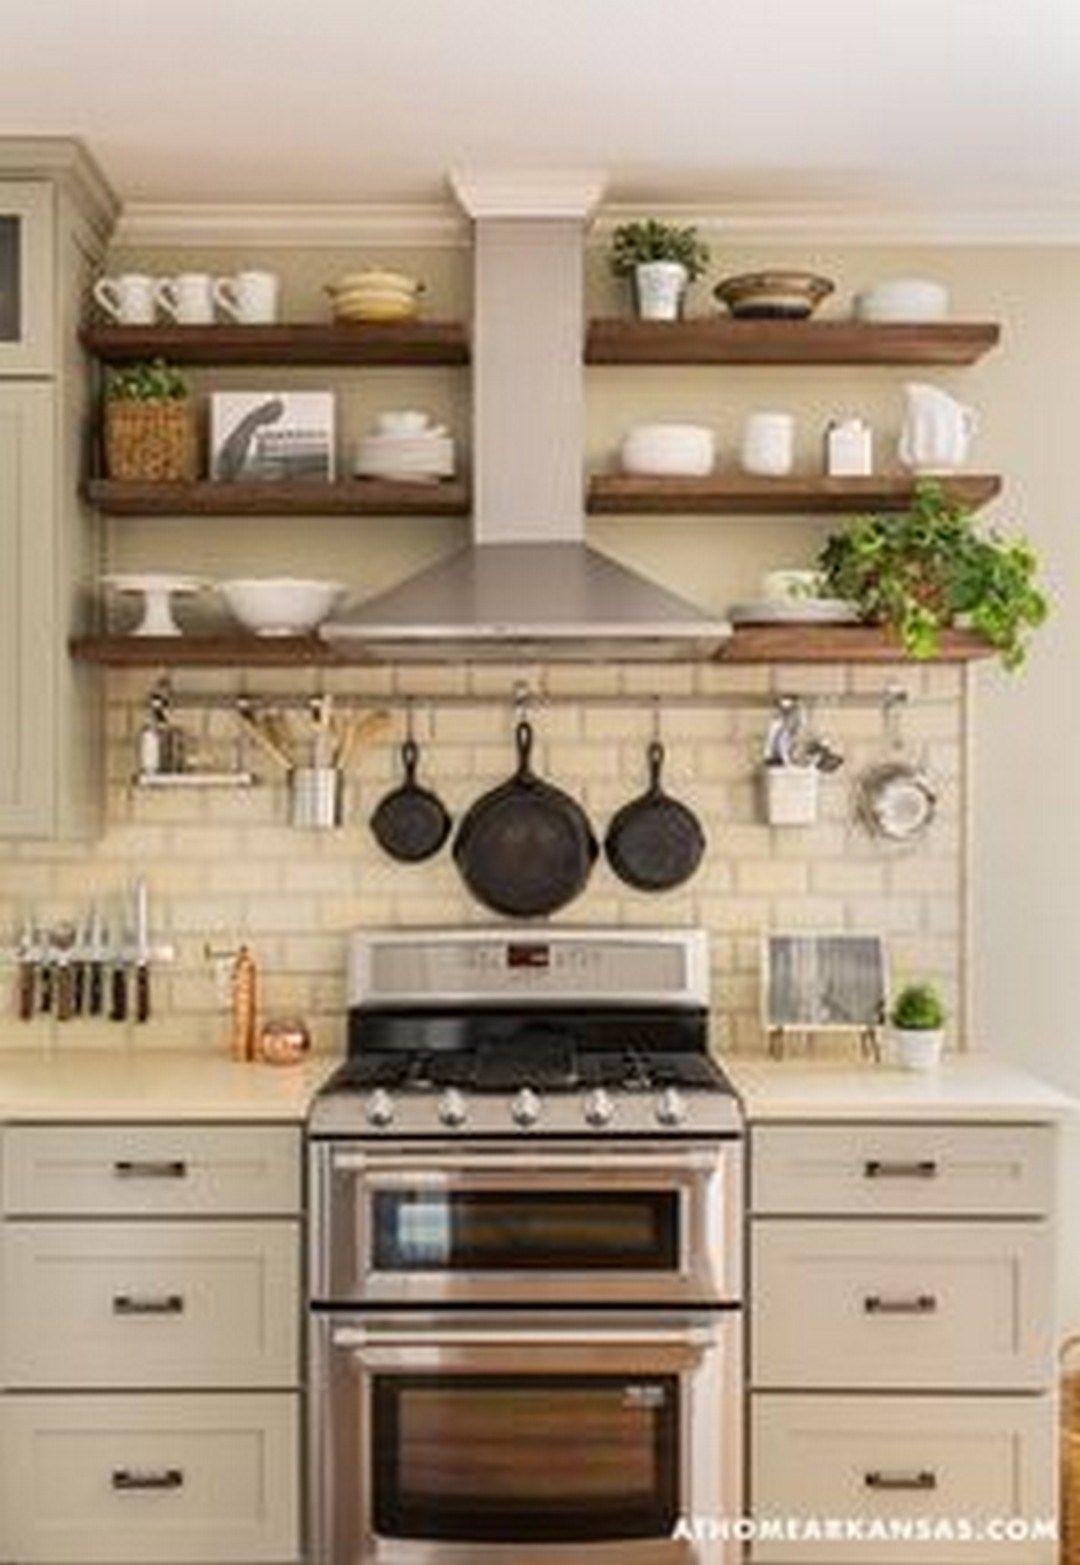 99 Farmhouse Kitchen Ideas On A Budget 2017 (10) | SMaLL KiTCHENS ...